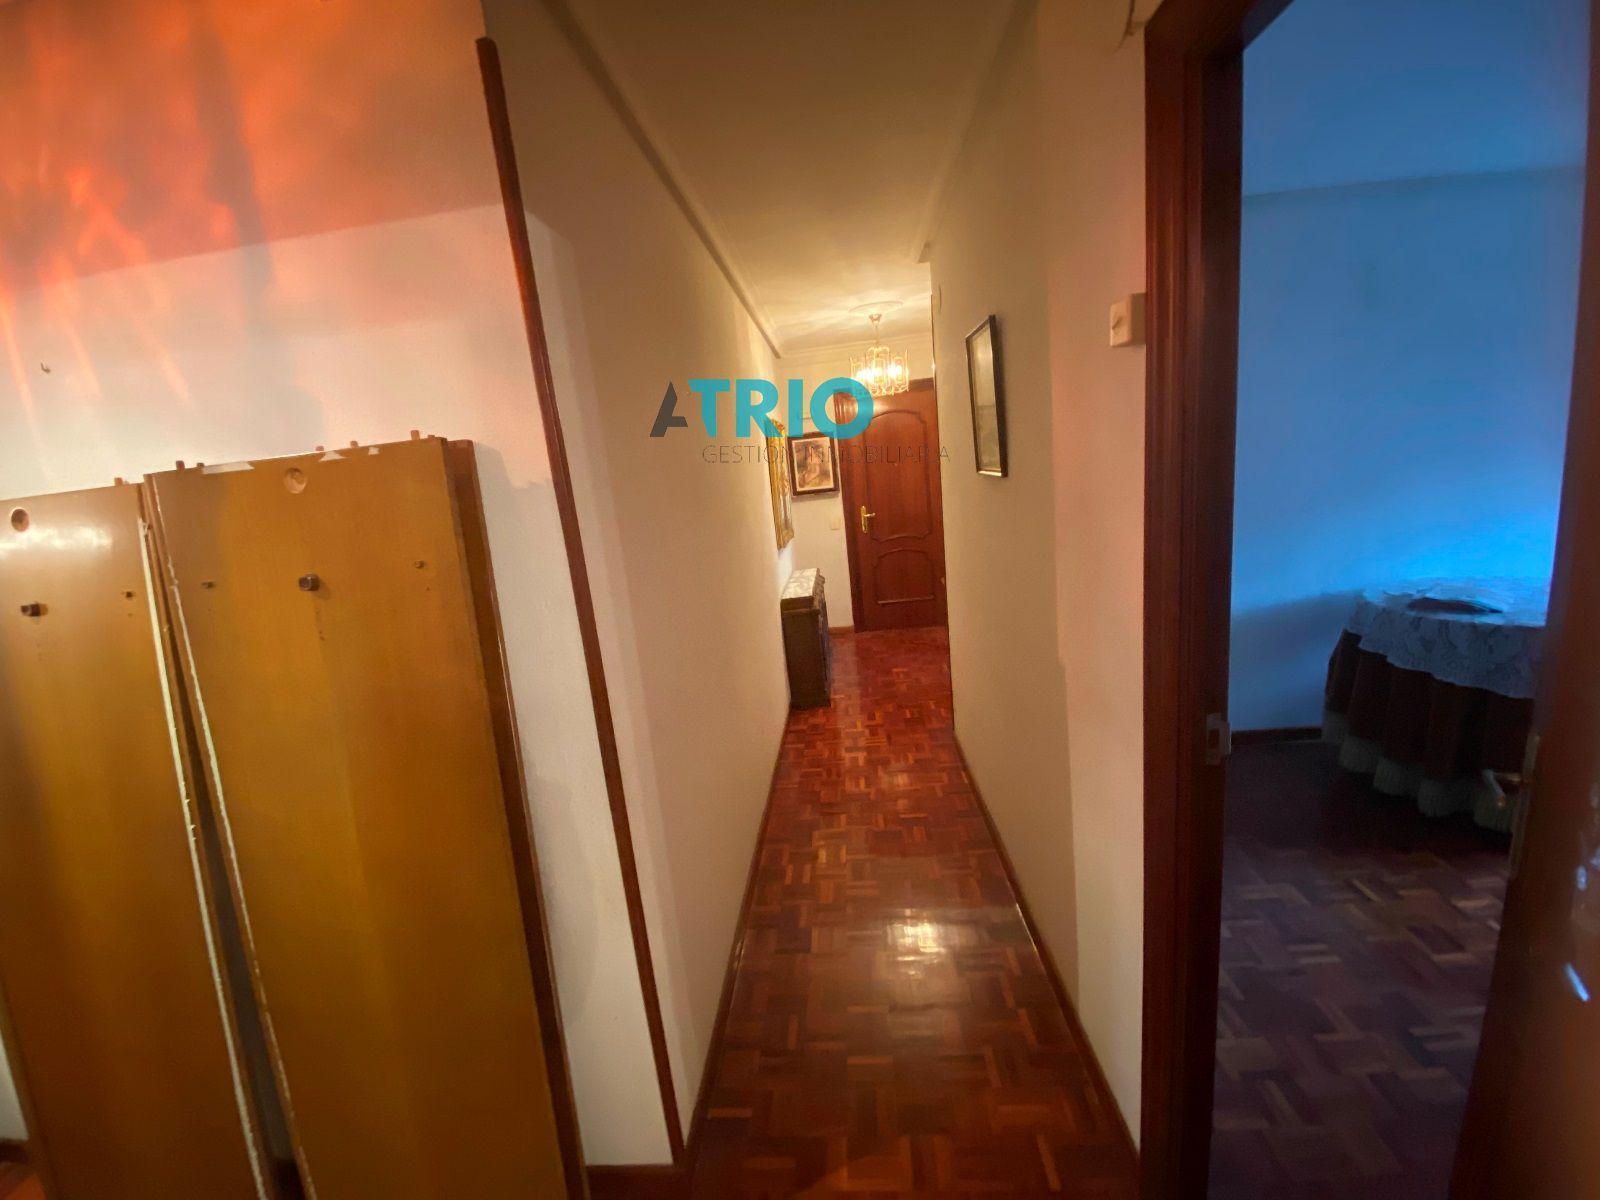 dia.mobiliagestion.es/Portals/inmoatrio/Images/7286/6100428